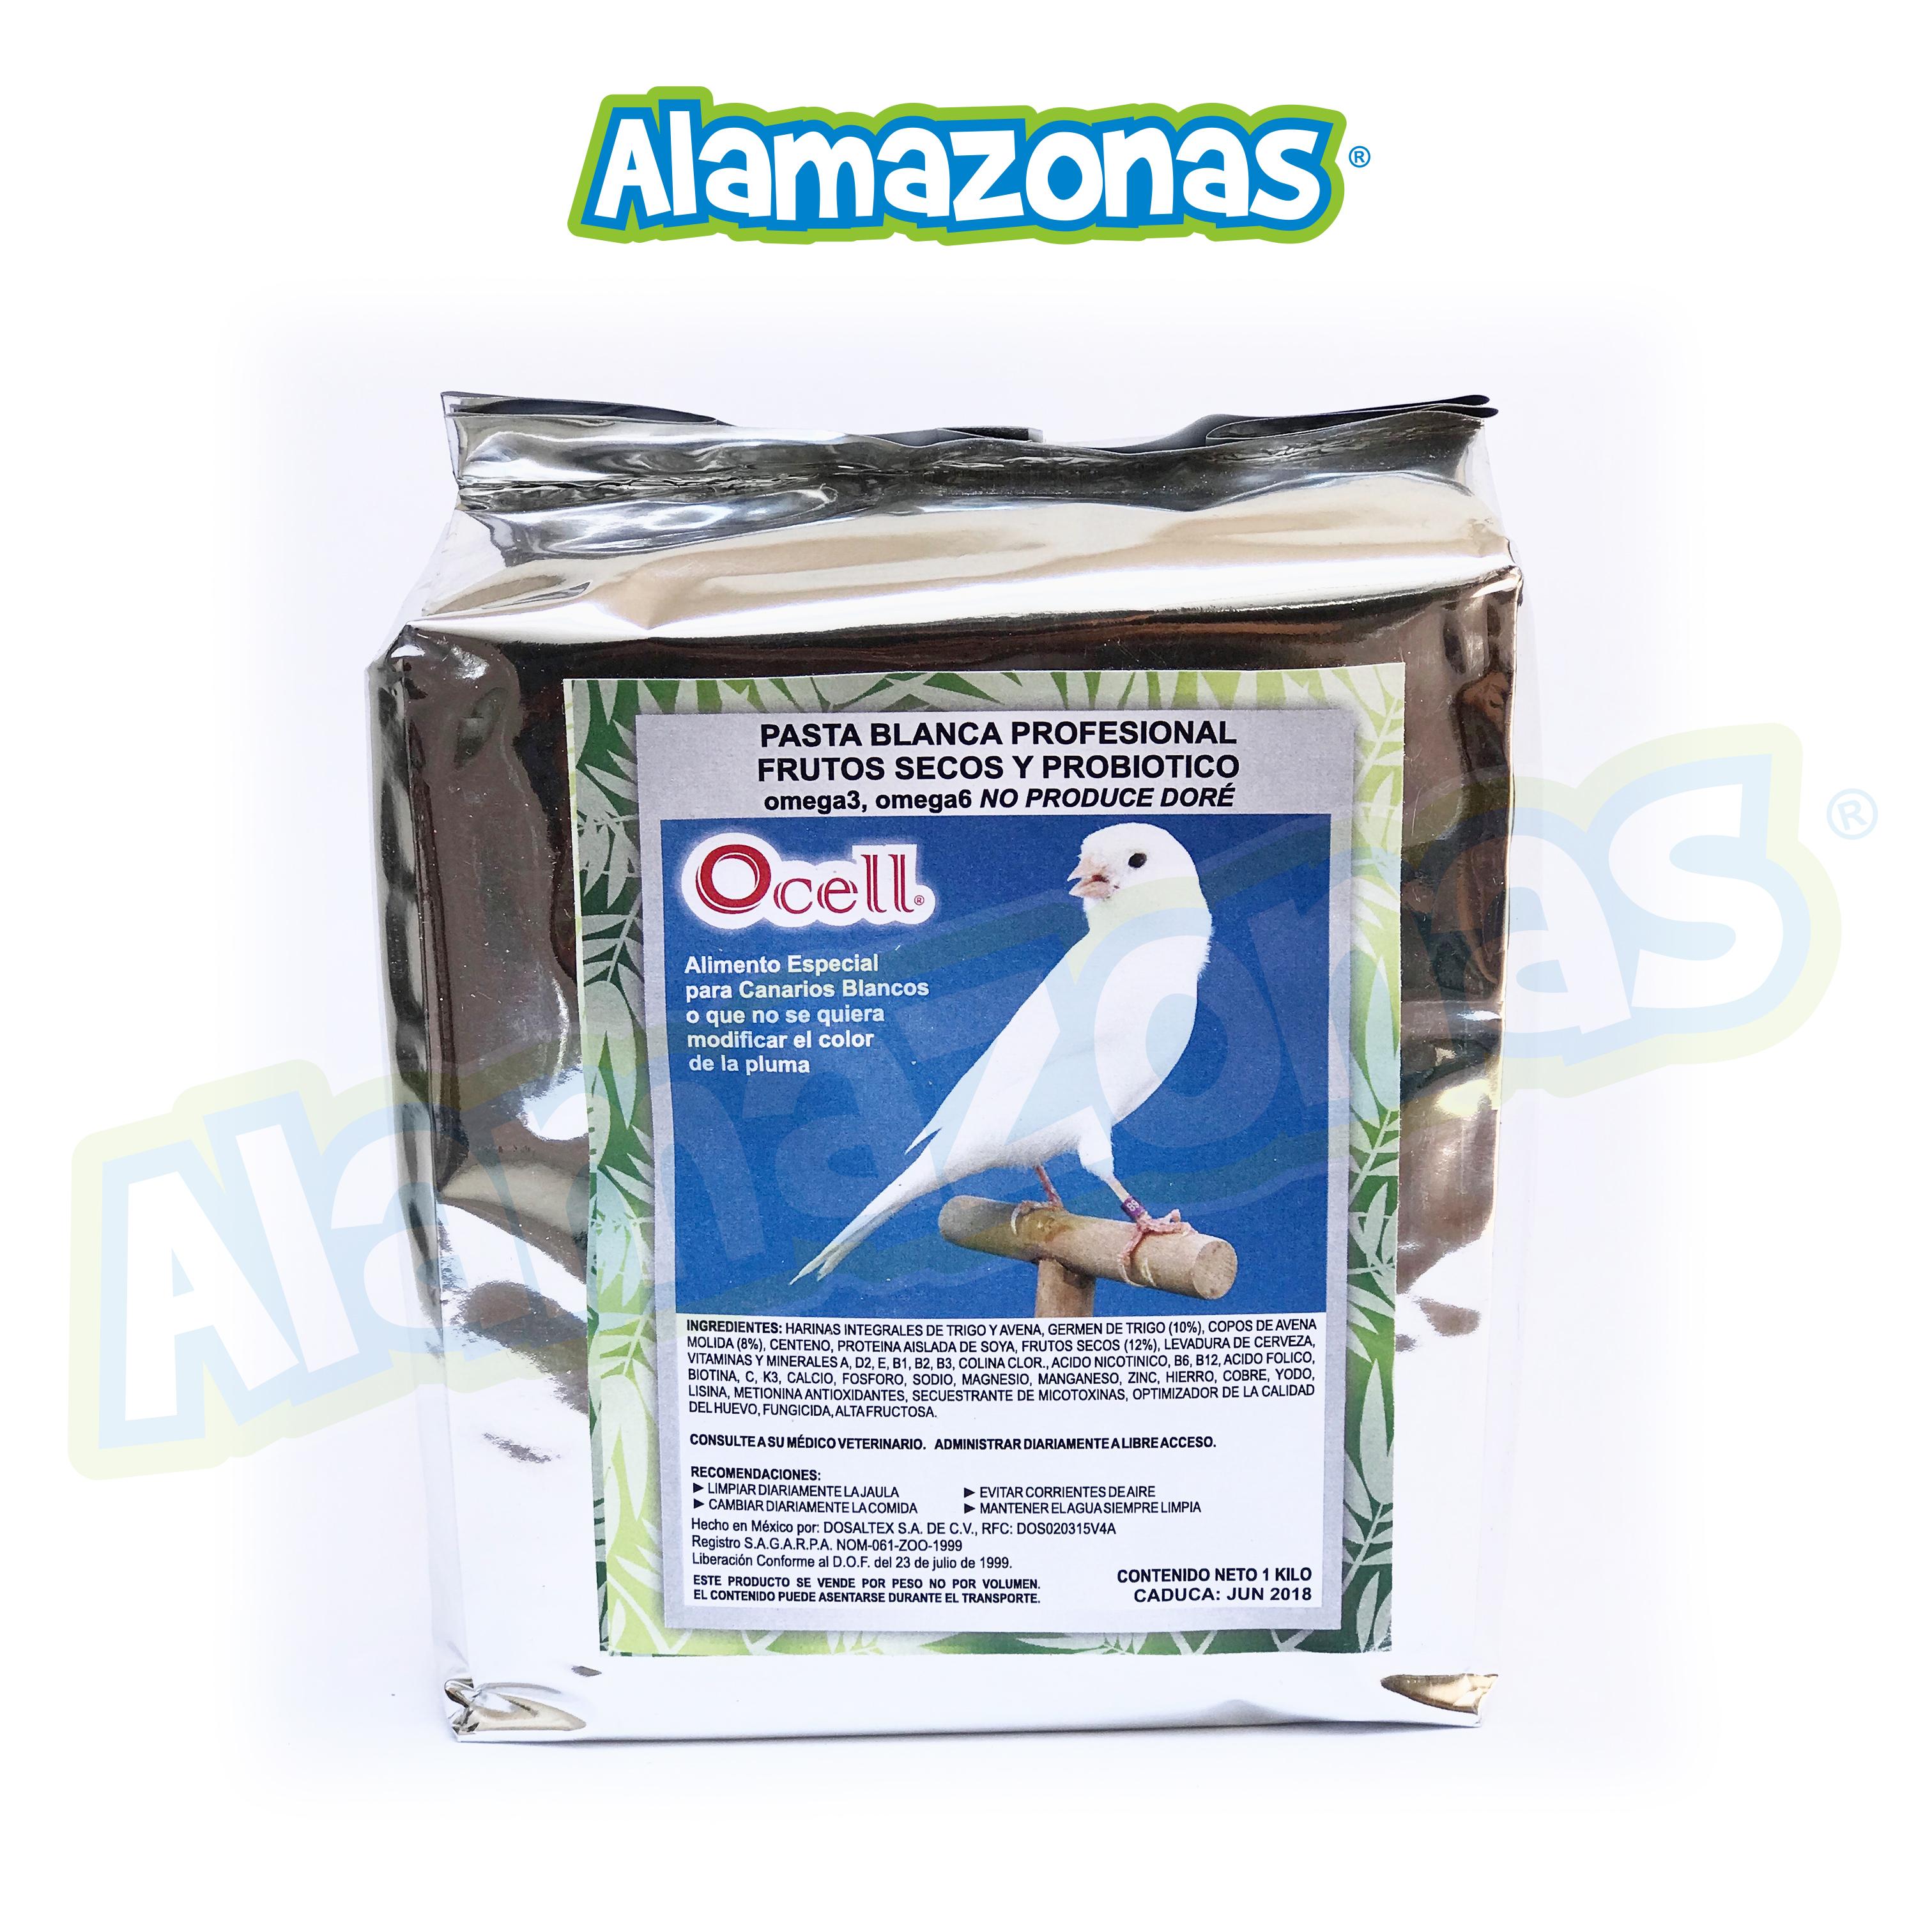 Pasta Profesional de Cría Blanca con Omega 3-6 y Probióticos 1kg Ocell Alamazonas